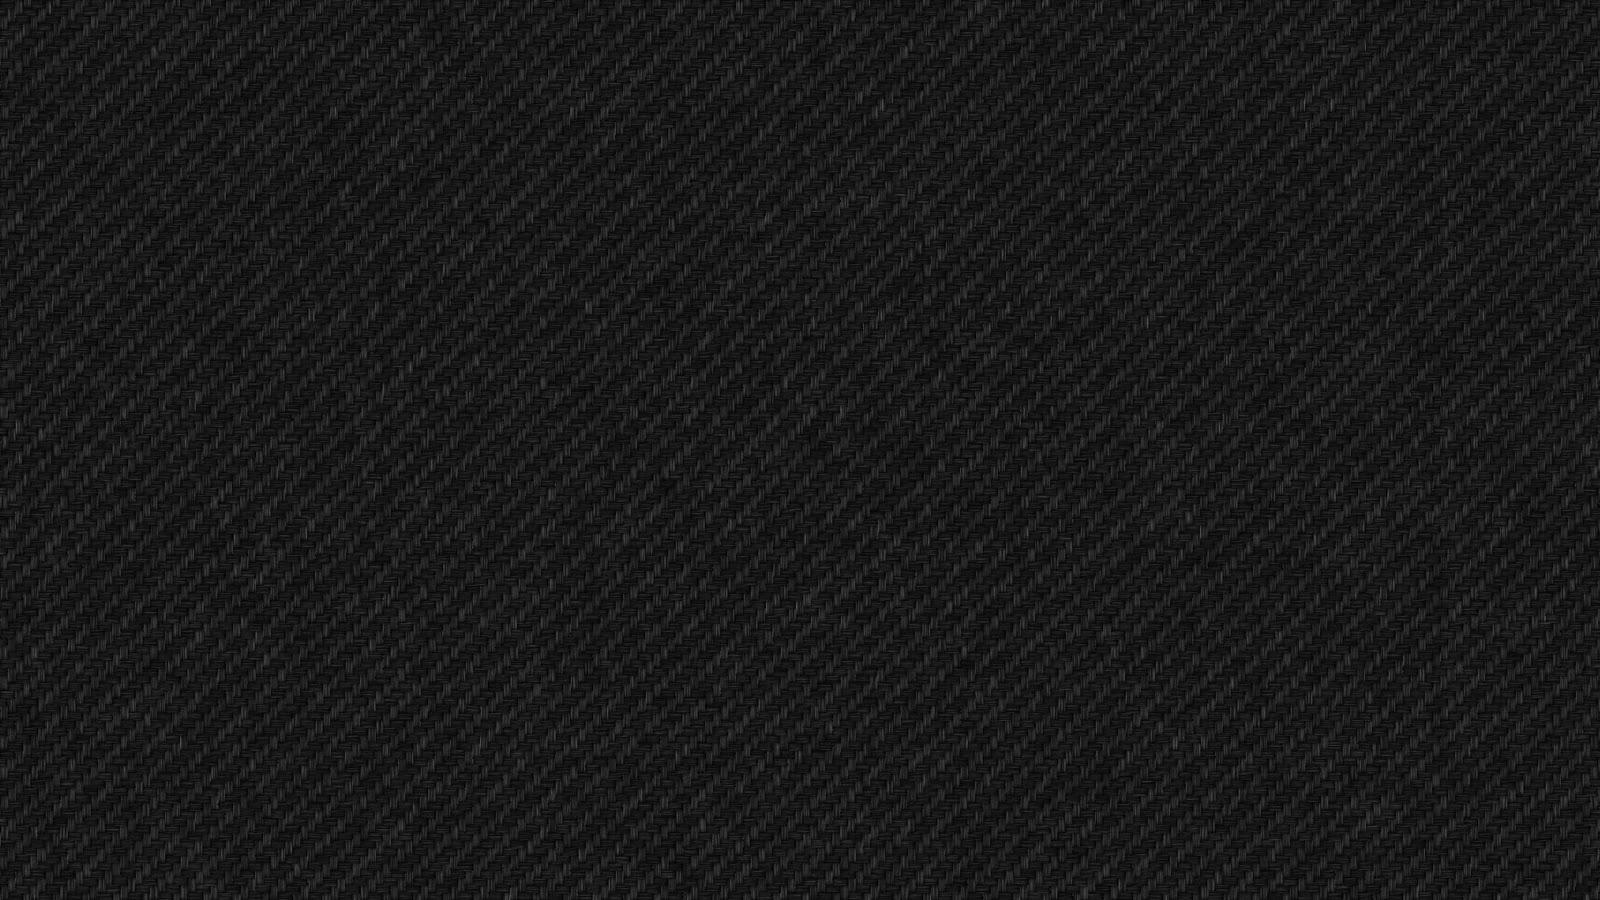 hd best desktop wallpapers black wallpapers part 2